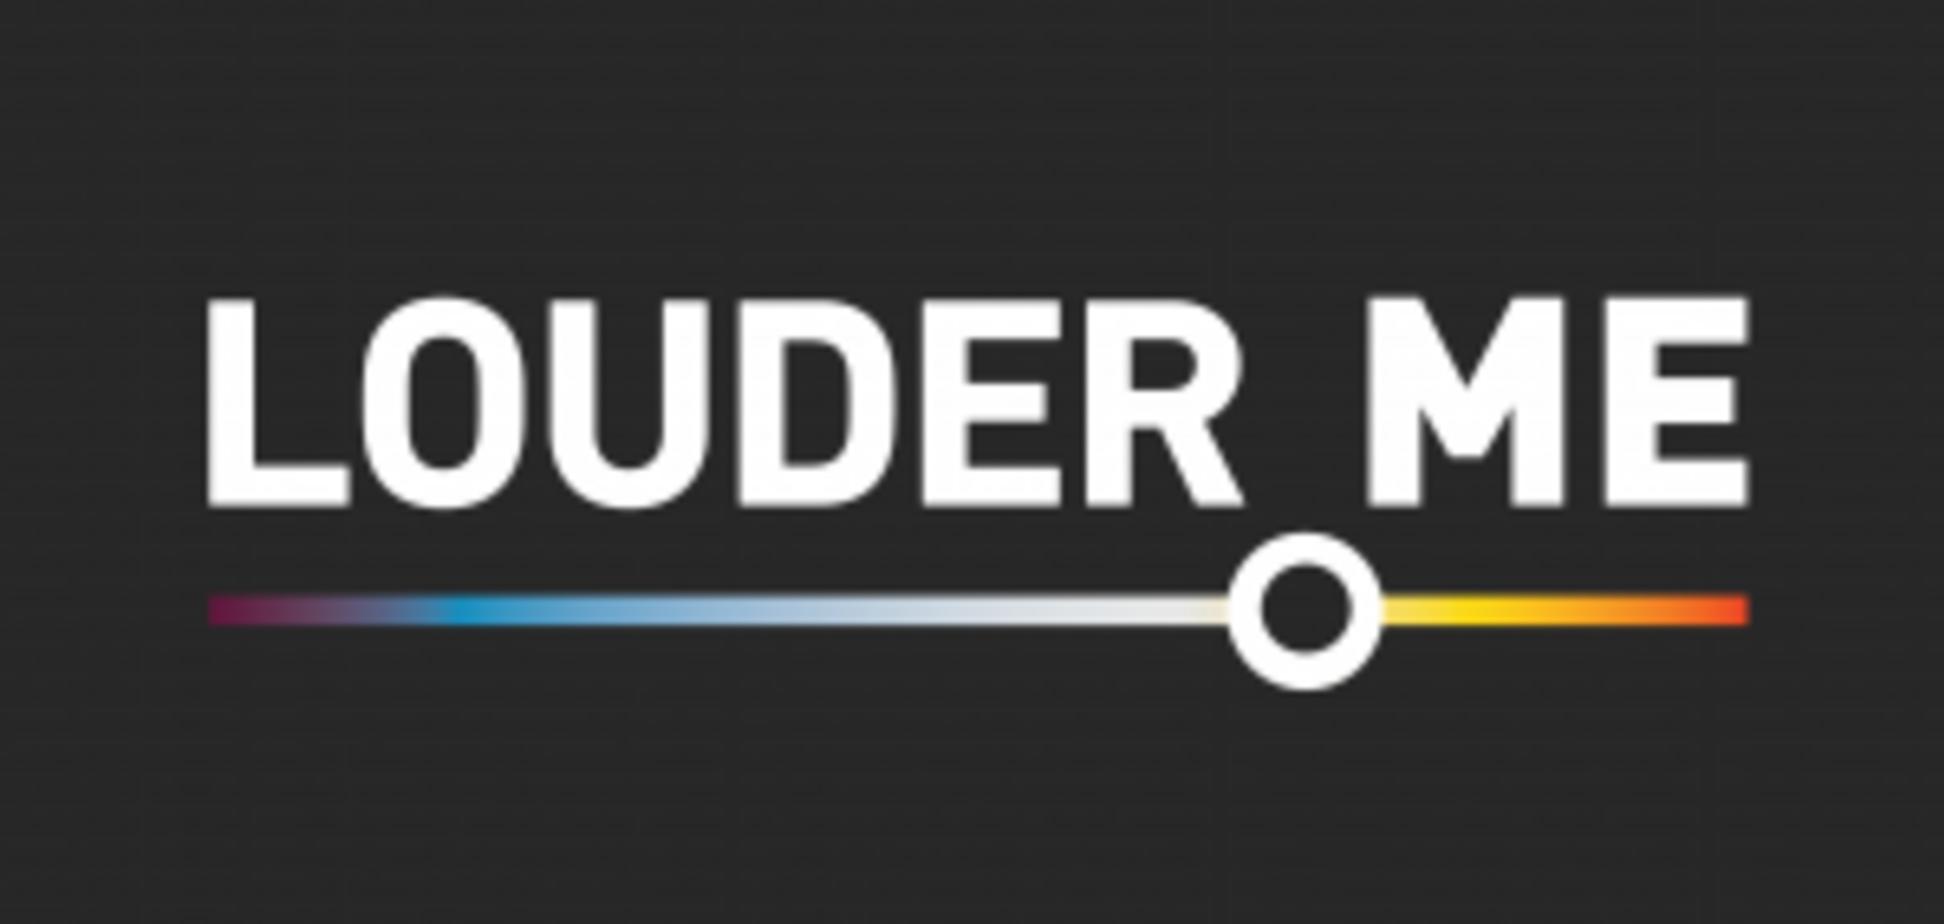 В Киеве презентовали уникальное музыкальное приложение Louder.me